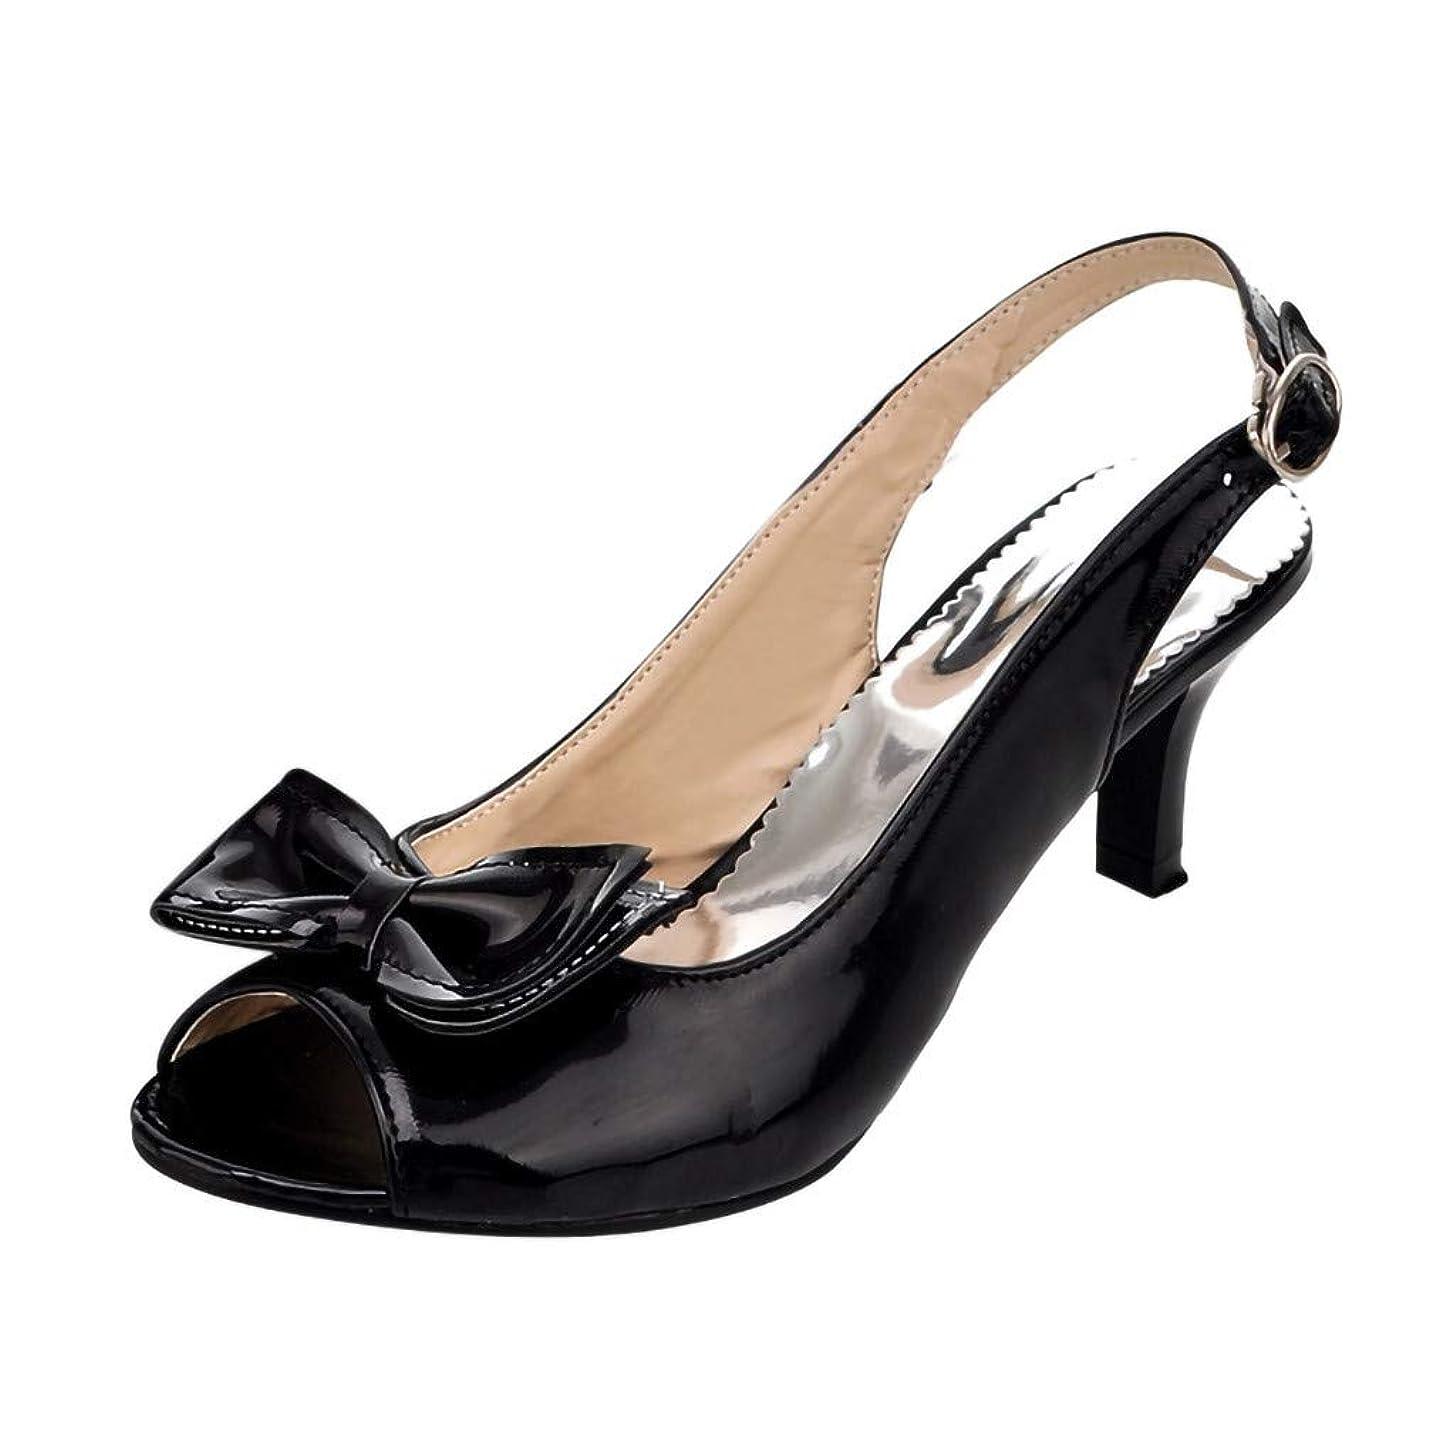 Duseedik Women's Sandals High Heels Belt Buckle Summer Ladies Outdoor Wedding Party Dance Shoes